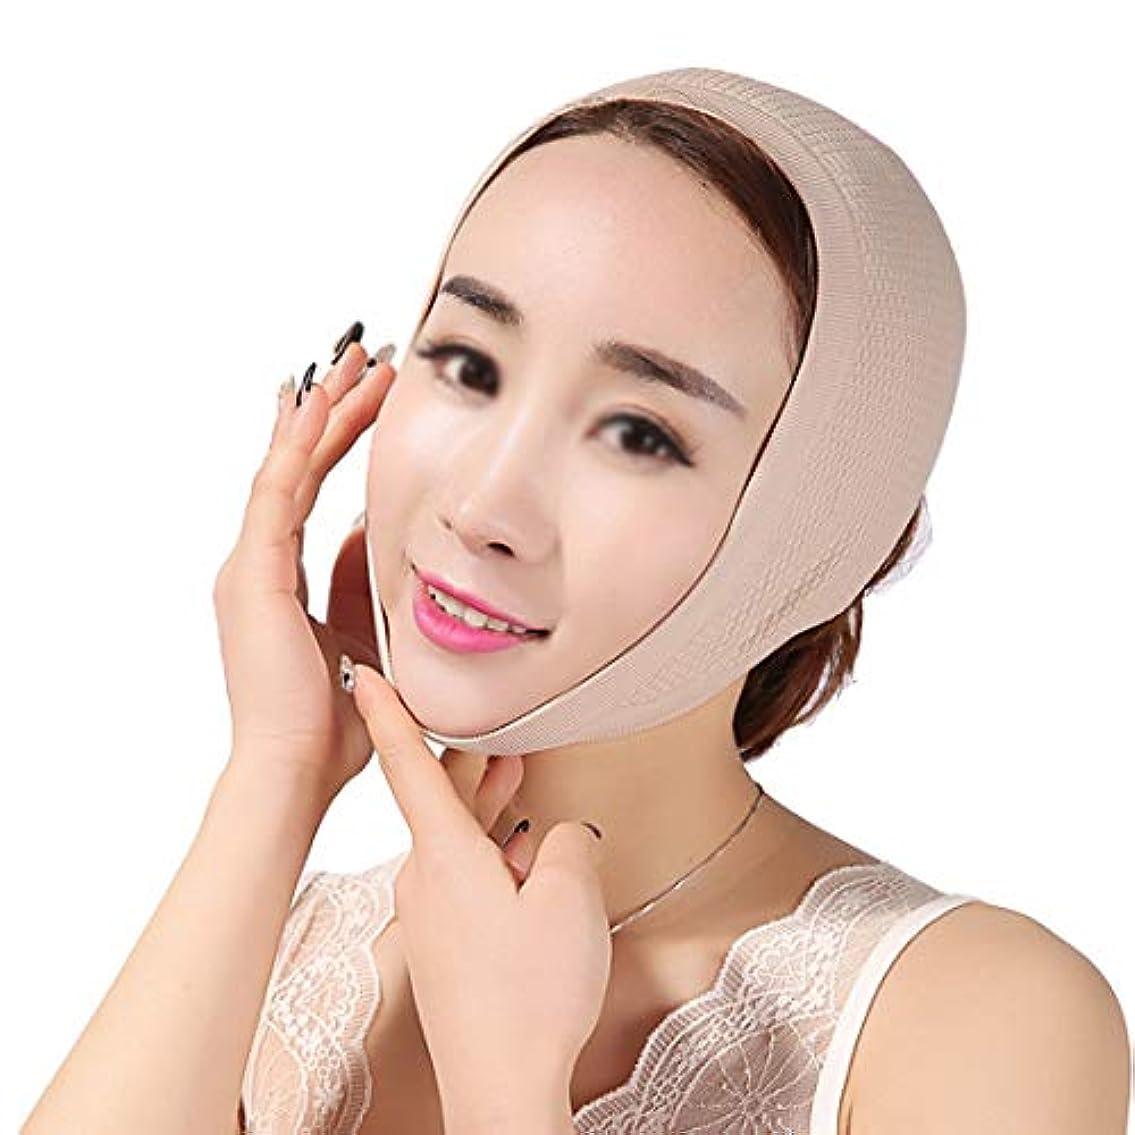 妊娠したいう有限ZWBD フェイスマスク, フェイスリフティング包帯vフェイスリフトシンダブルチンシンフェイス包帯リフティング引き締め美容マッサージvフェイスシンフェイスマスク